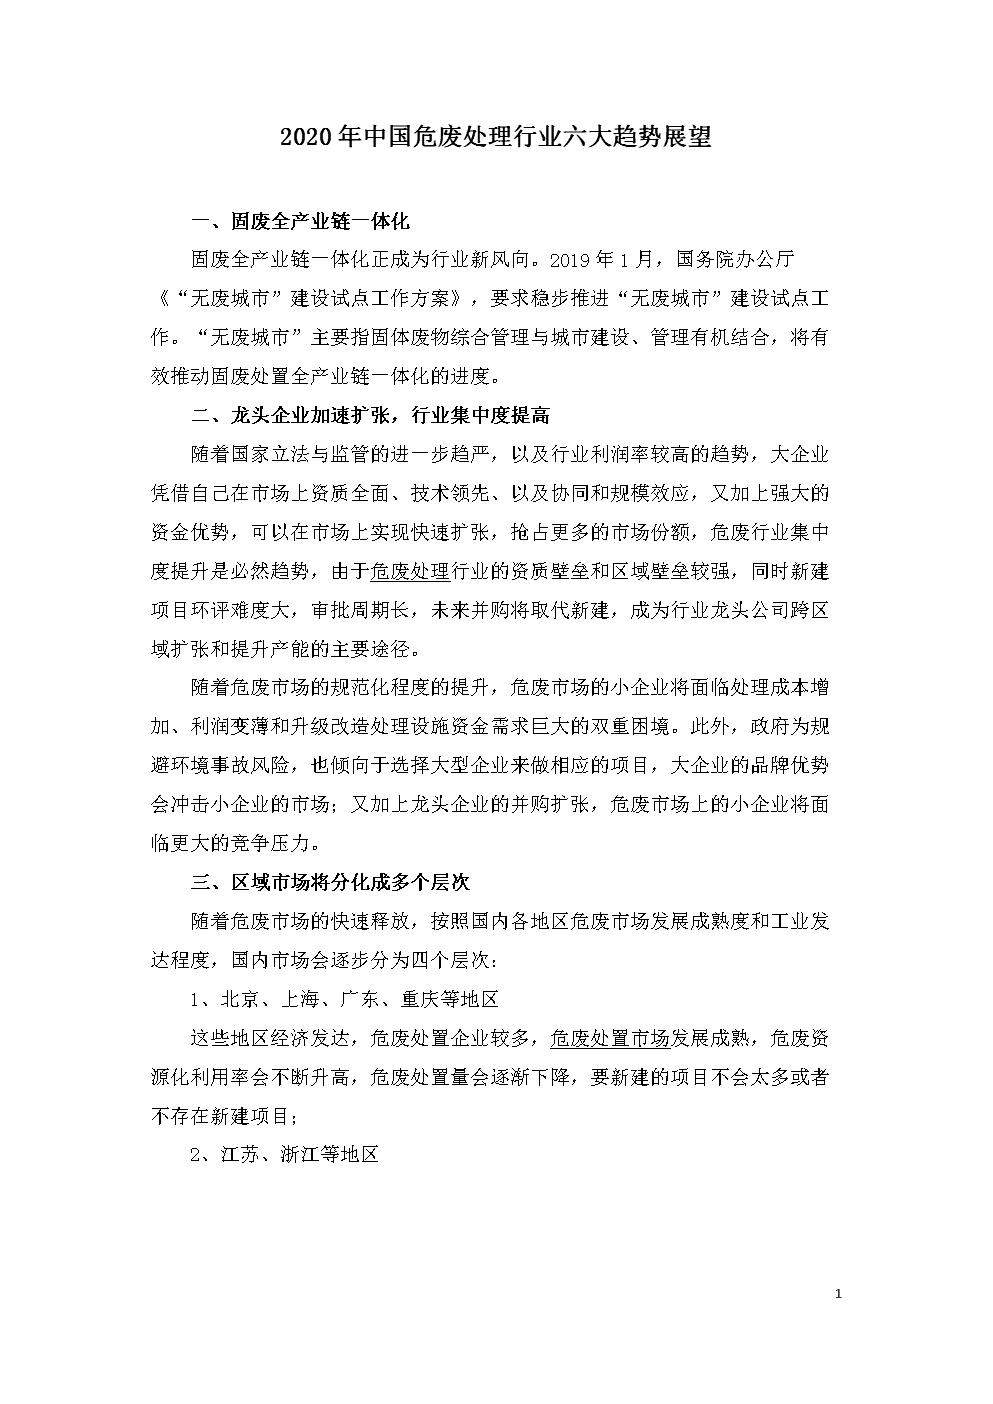 2020年中國危廢處理行業六大趨勢展望.doc